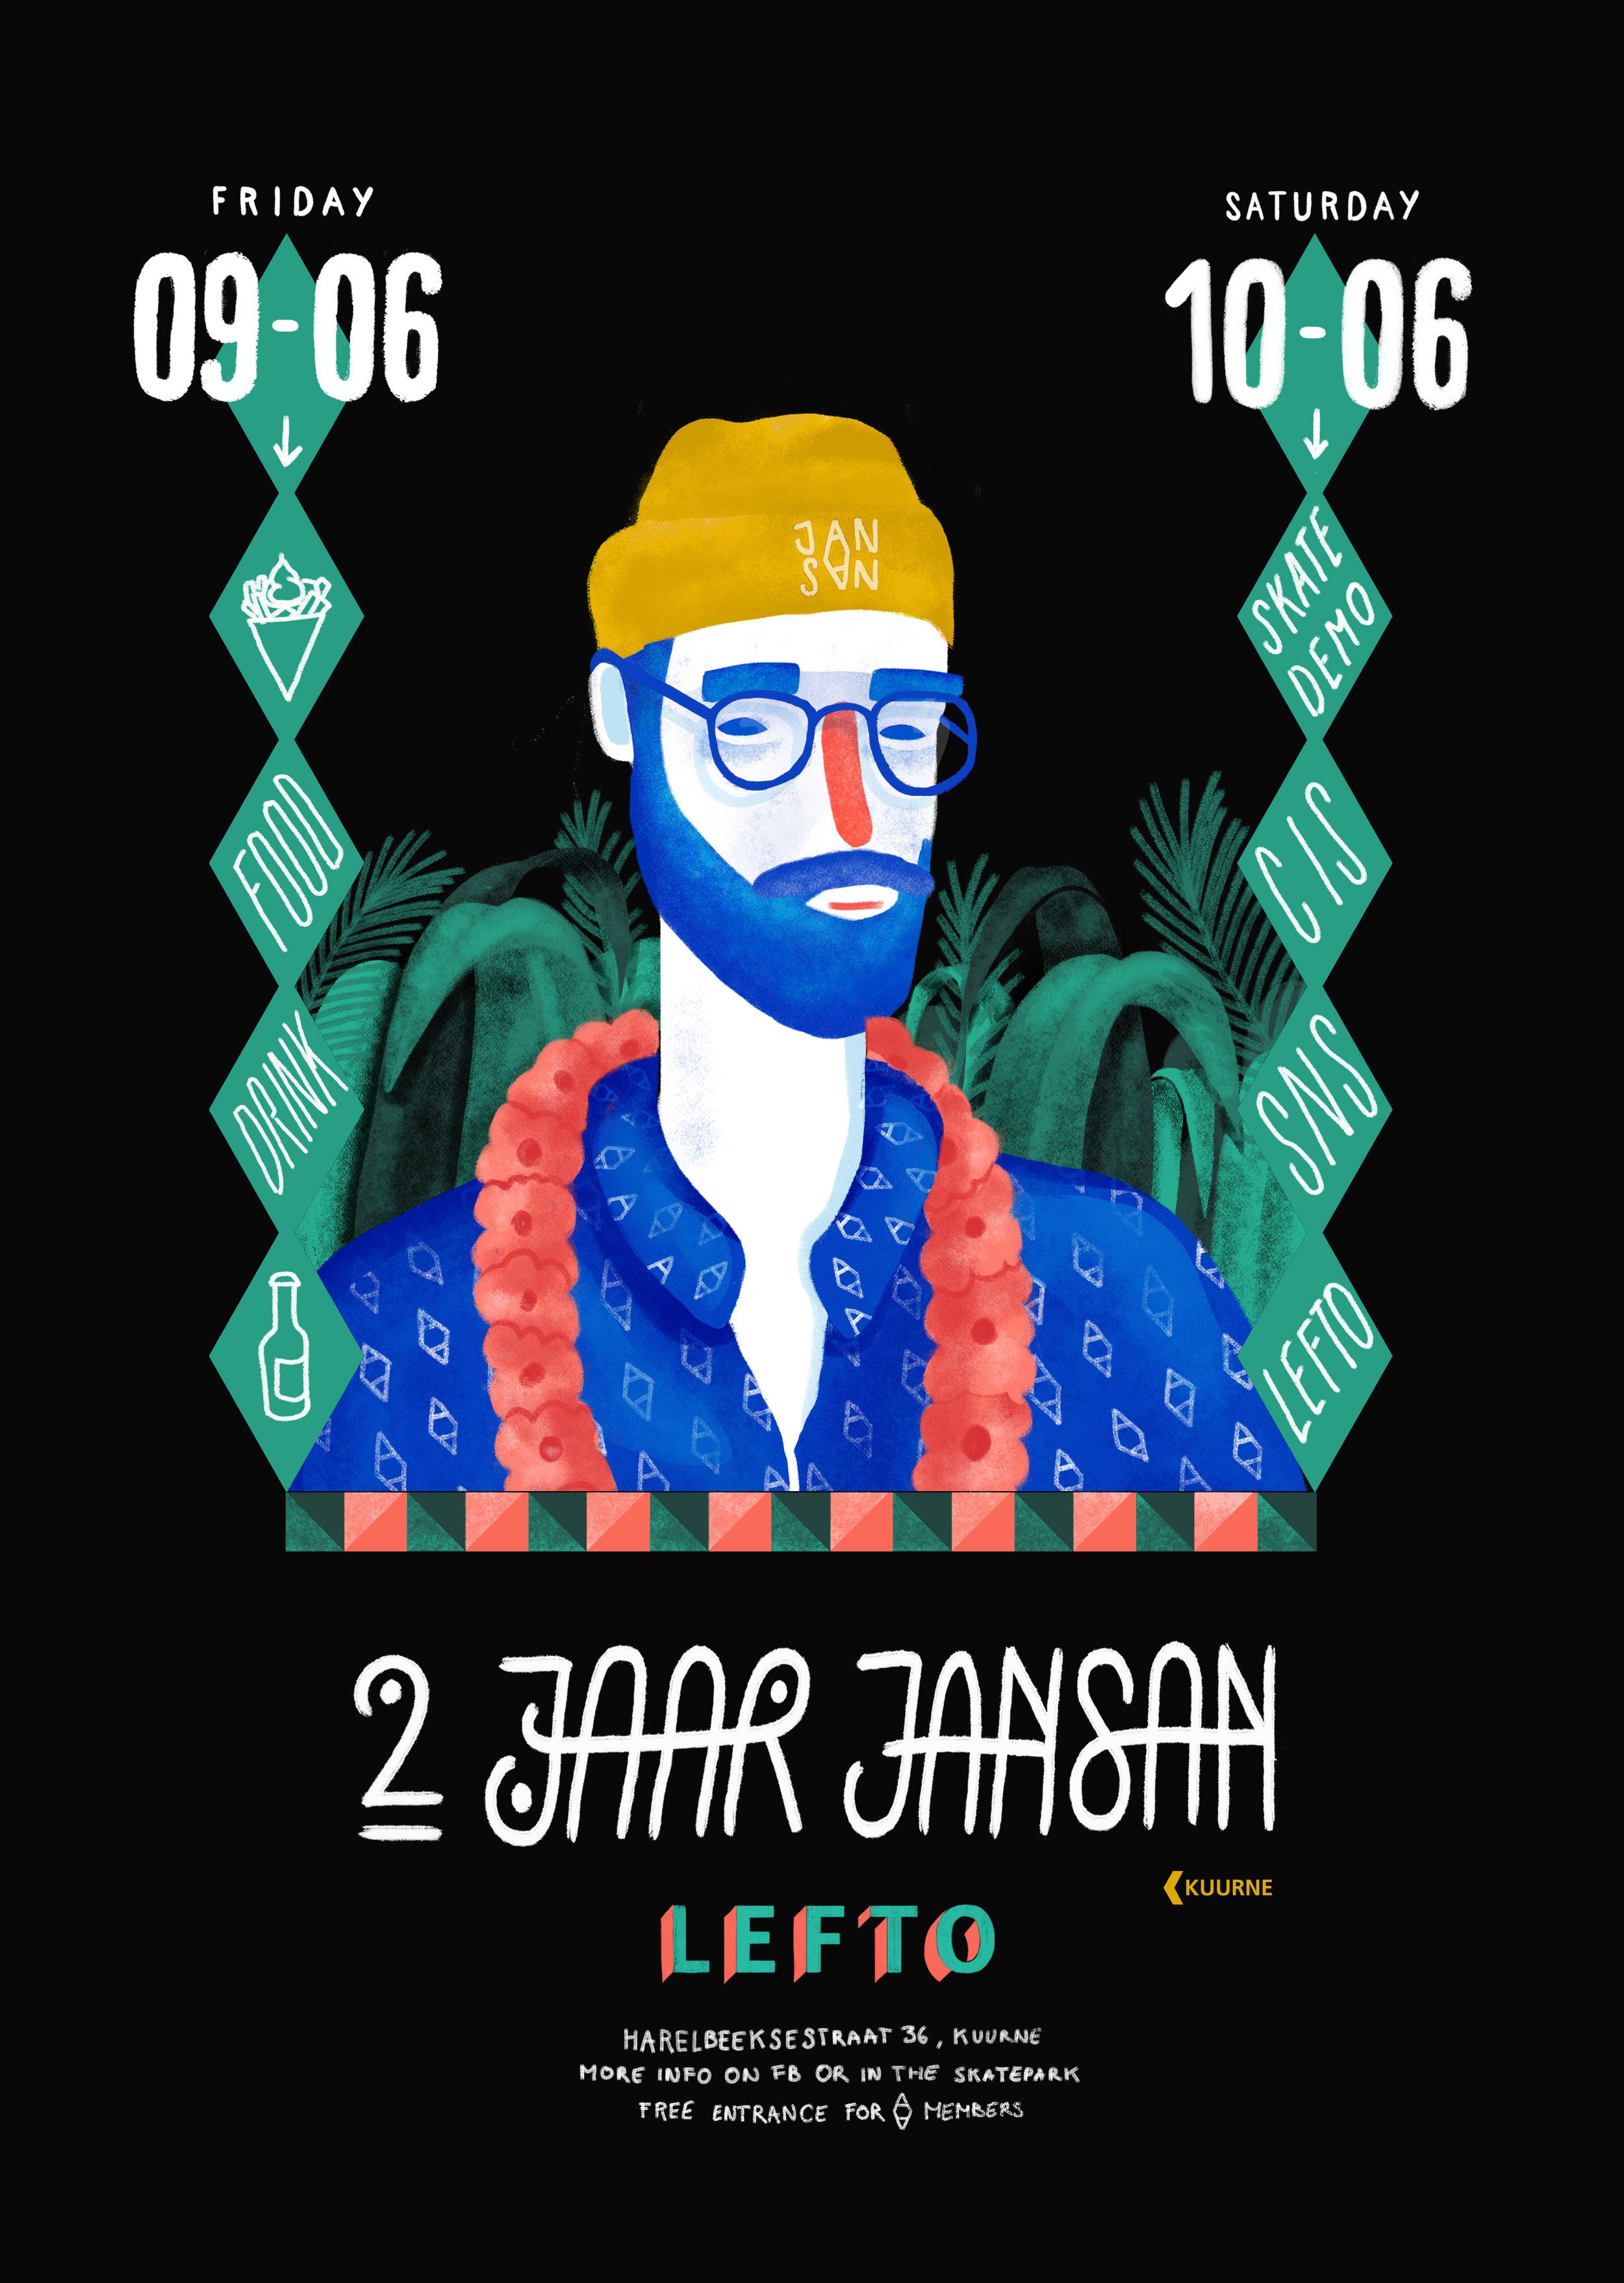 2 jaar jansan | Affiche A3 met baard.jpg